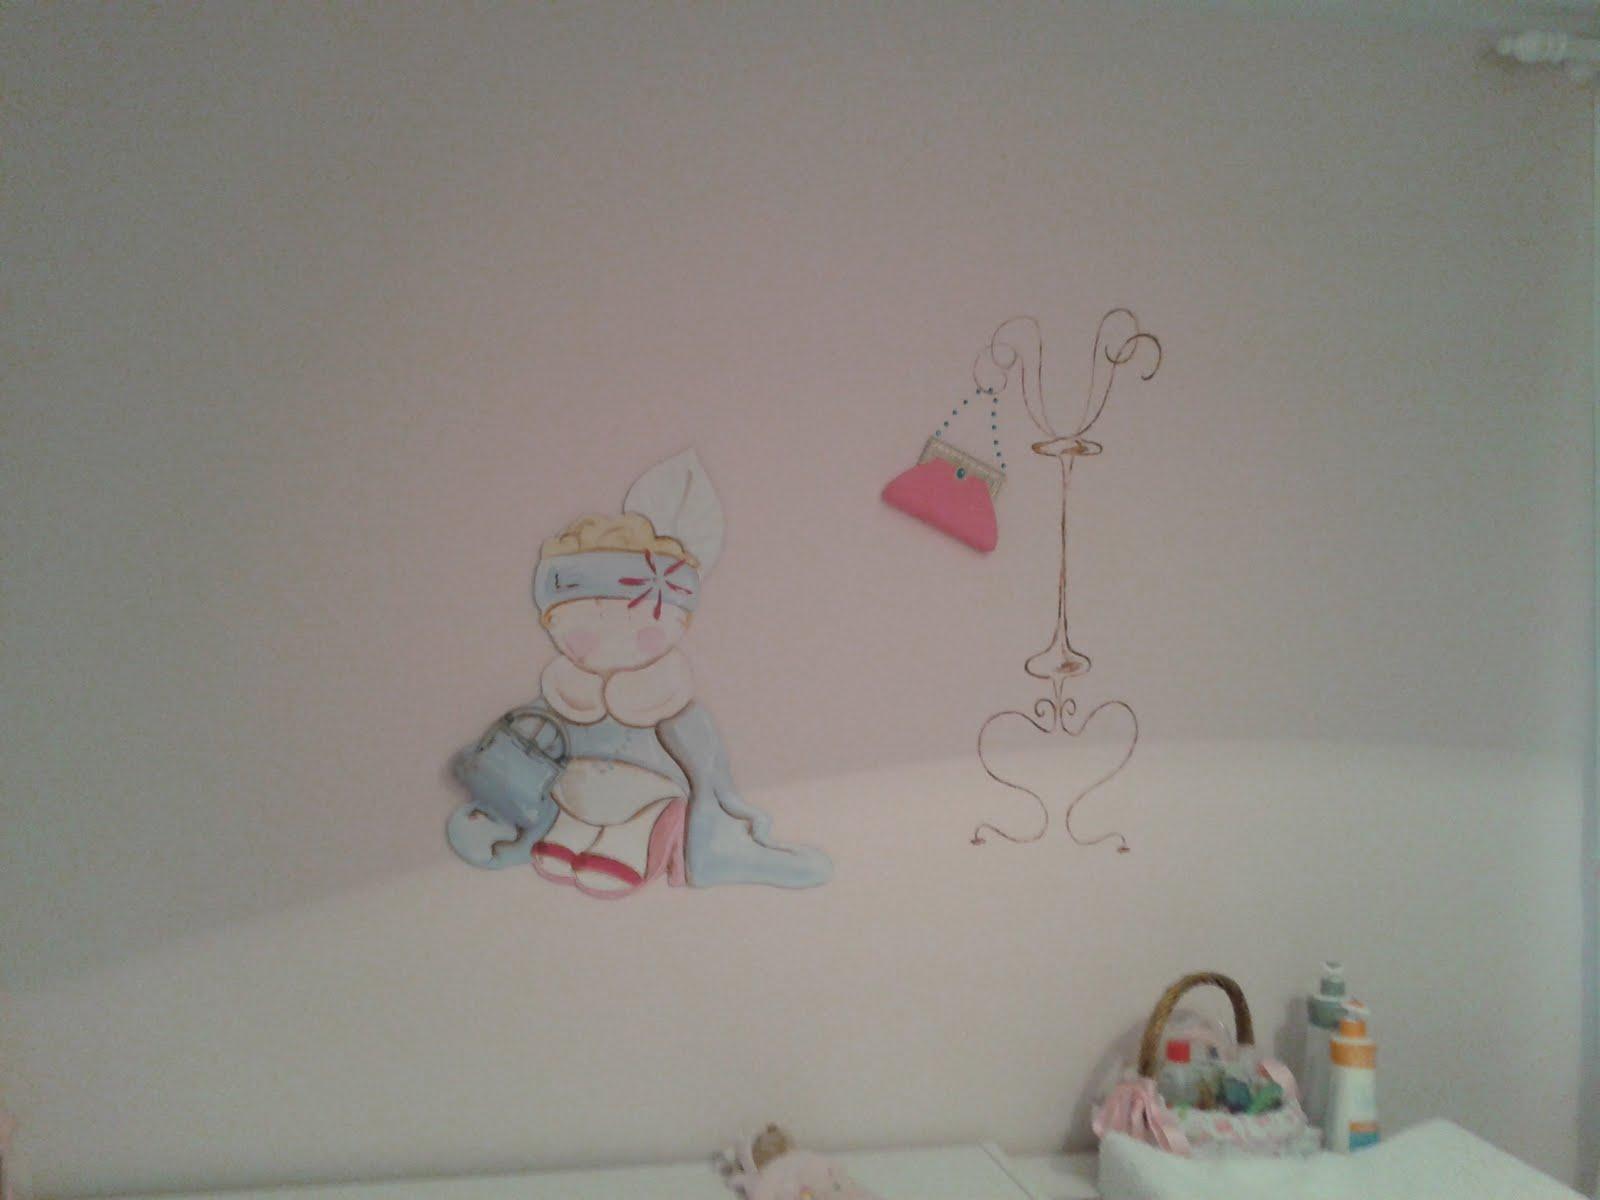 Des murs enchant s chambre bebe peinture murale d 39 une for Chambre bebe peinture murale